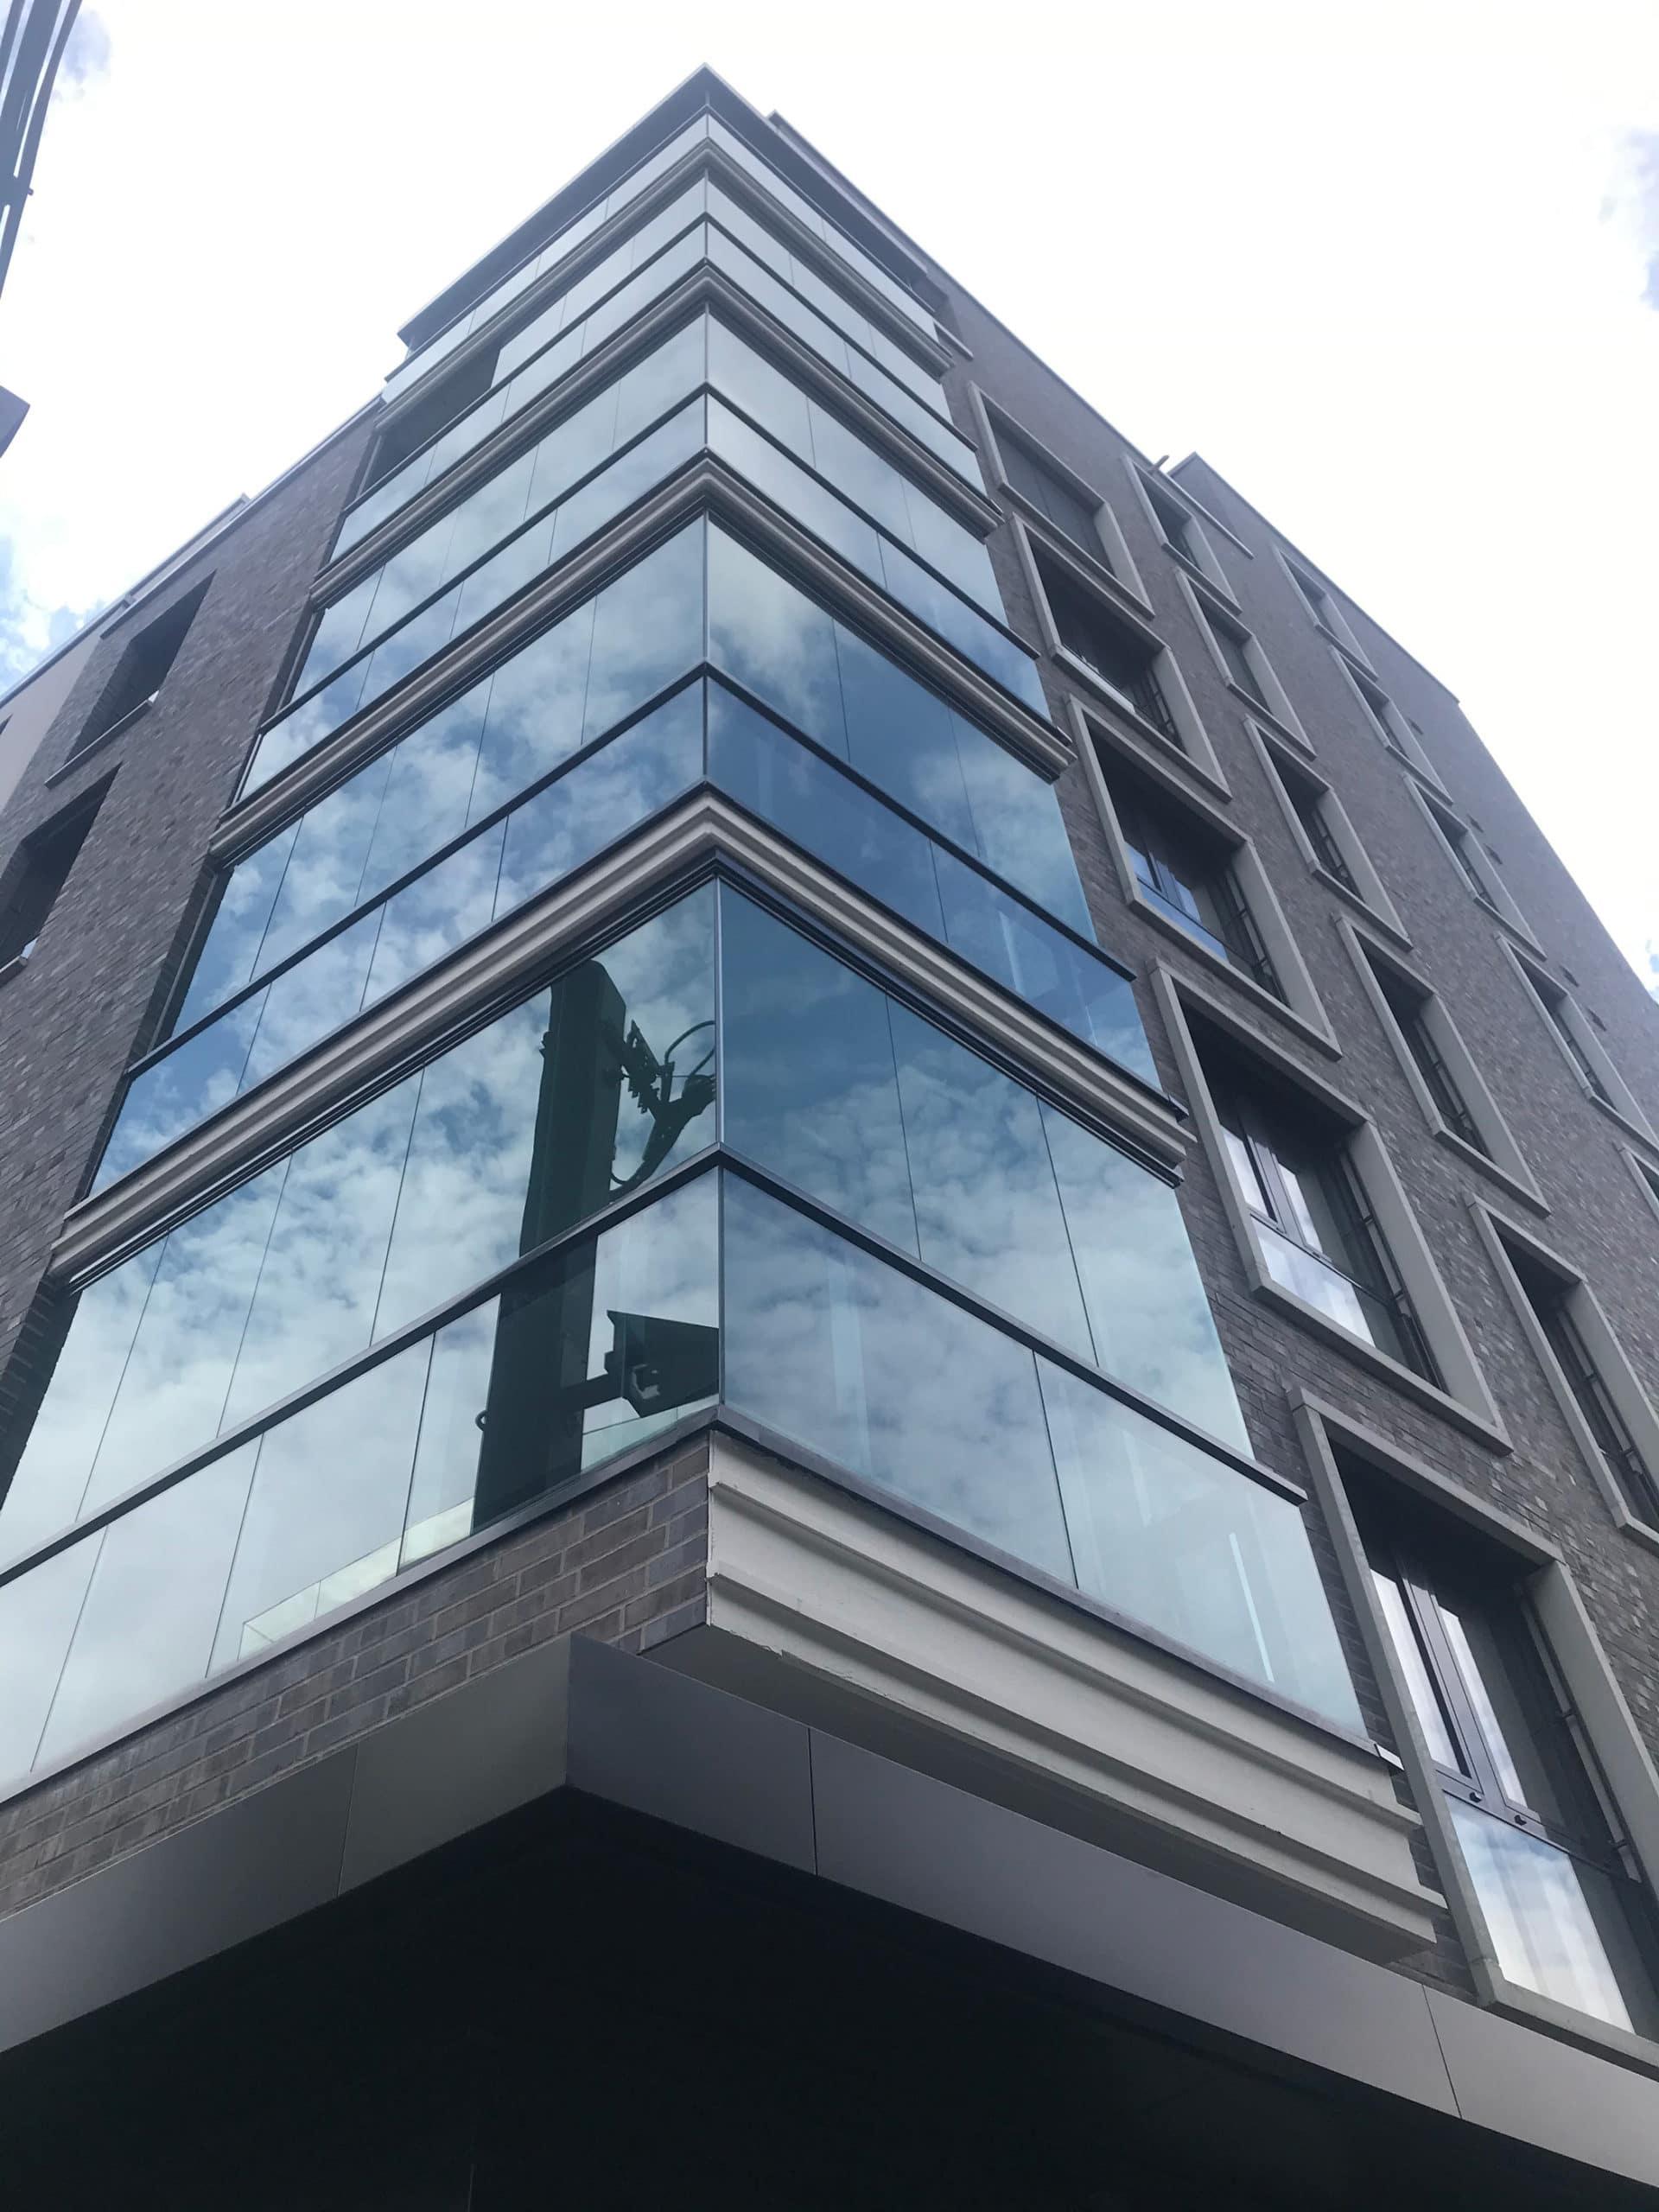 Moderner Wind- und Wetterschutz für Balkone